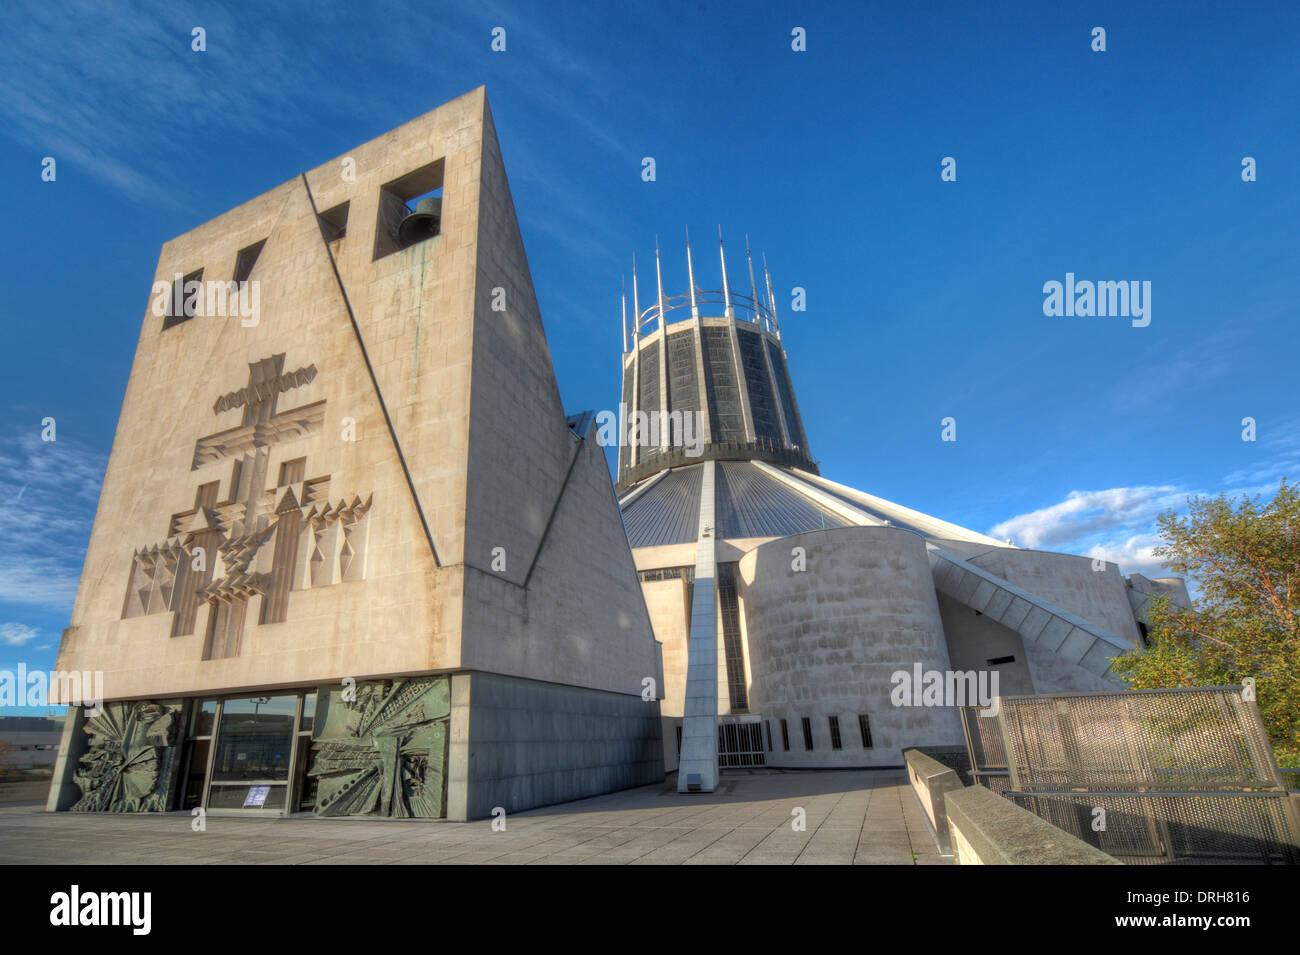 Laden Sie dieses Alamy Stockfoto Liverpool katholische Kathedrale von Christus dem König, England UK - DRH816